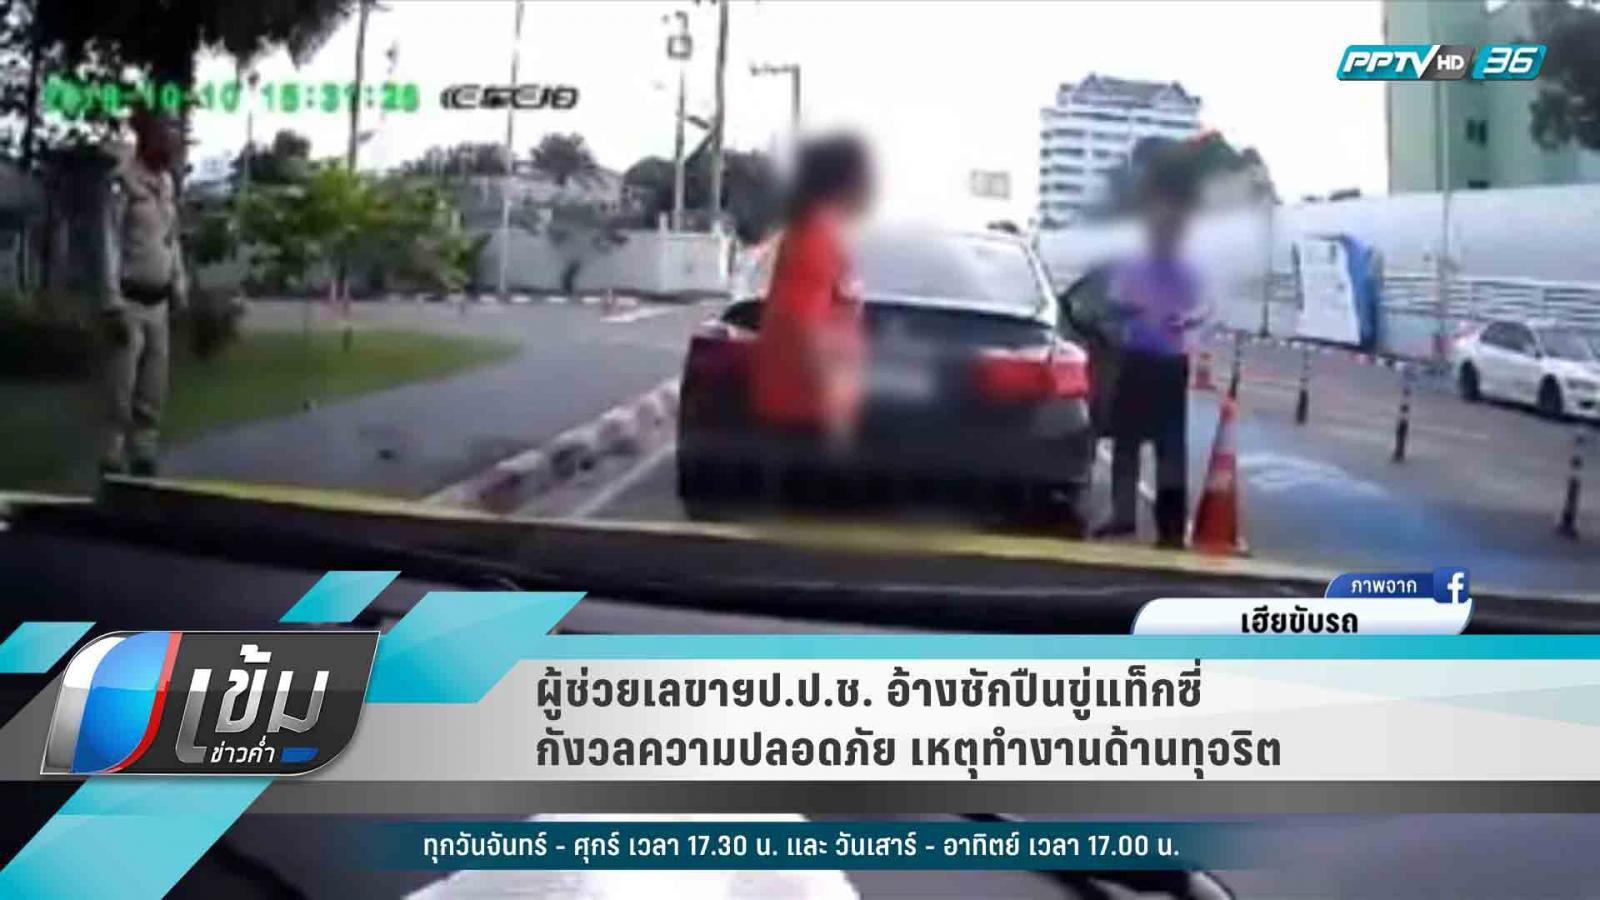 ผู้ช่วยเลขาฯป.ป.ช. อ้างชักปืนขู่แท็กซี่ กังวลความปลอดภัย เหตุทำงานด้านทุจริต